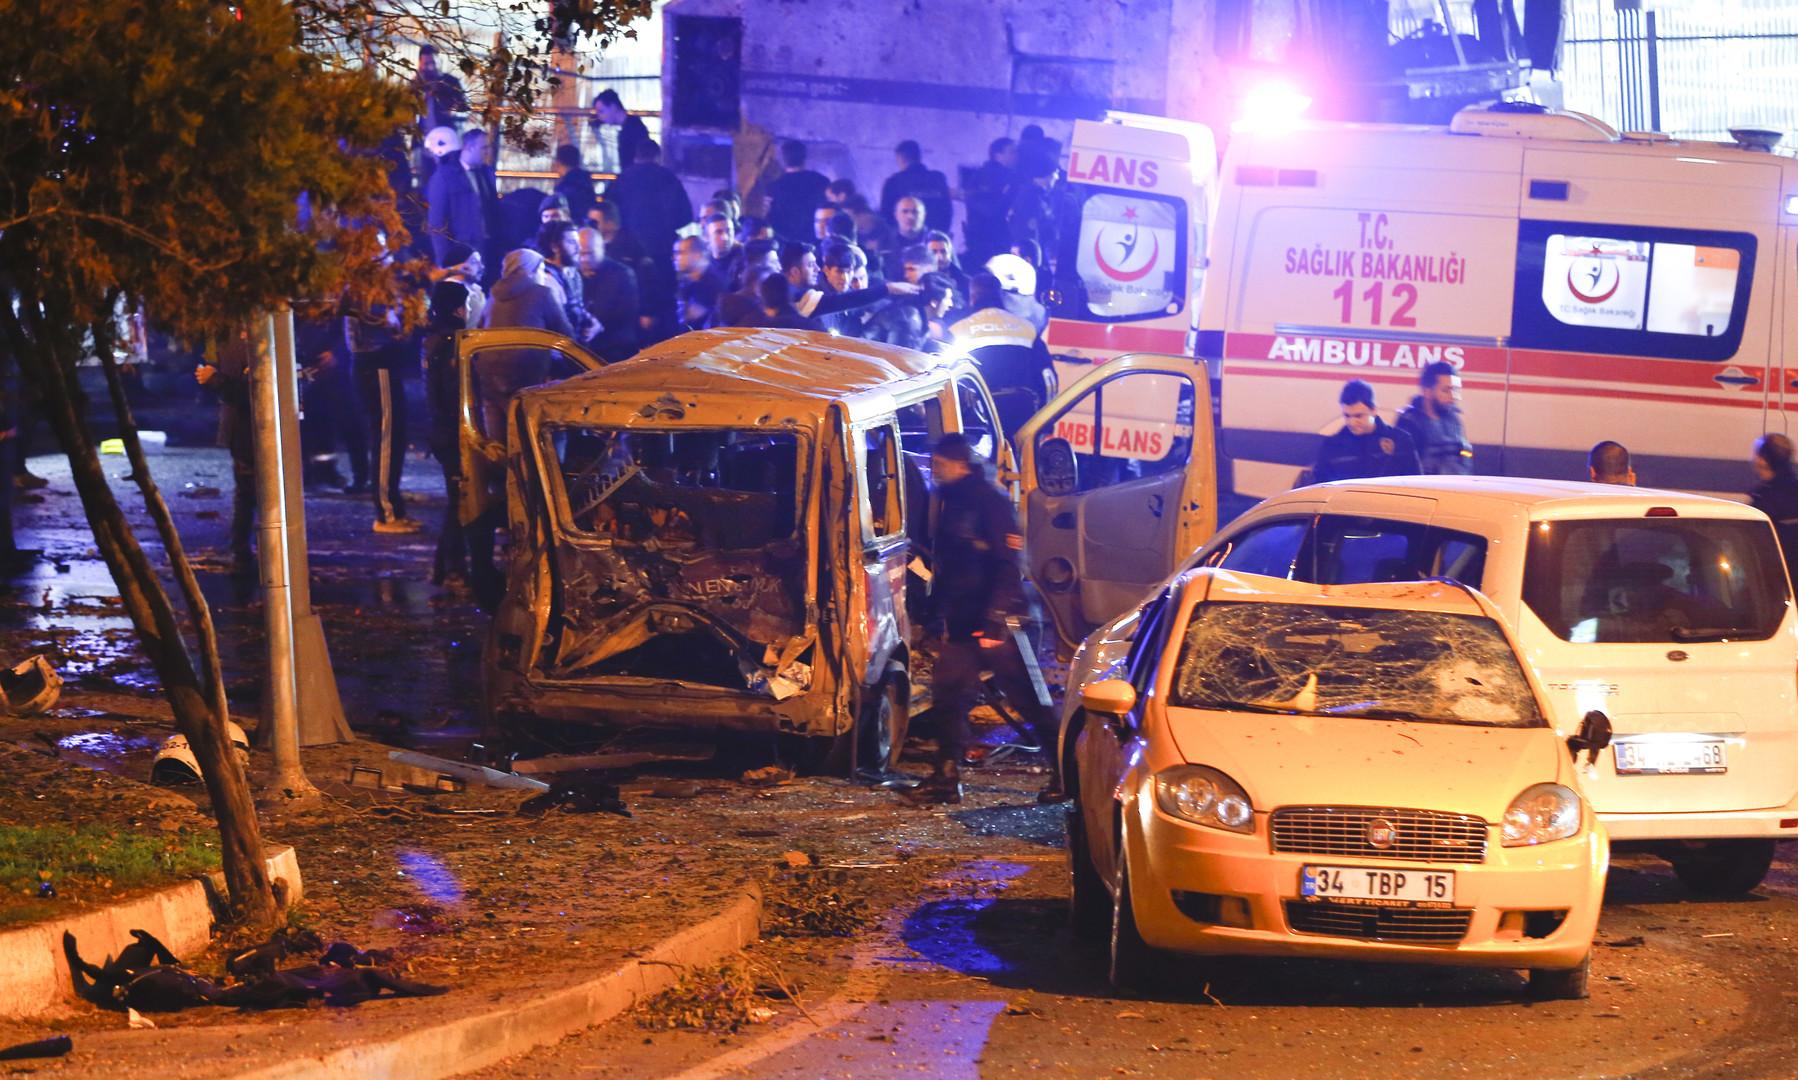 Взрыв в центре Стамбула: десятки пострадавших, выстрелы на месте ЧП